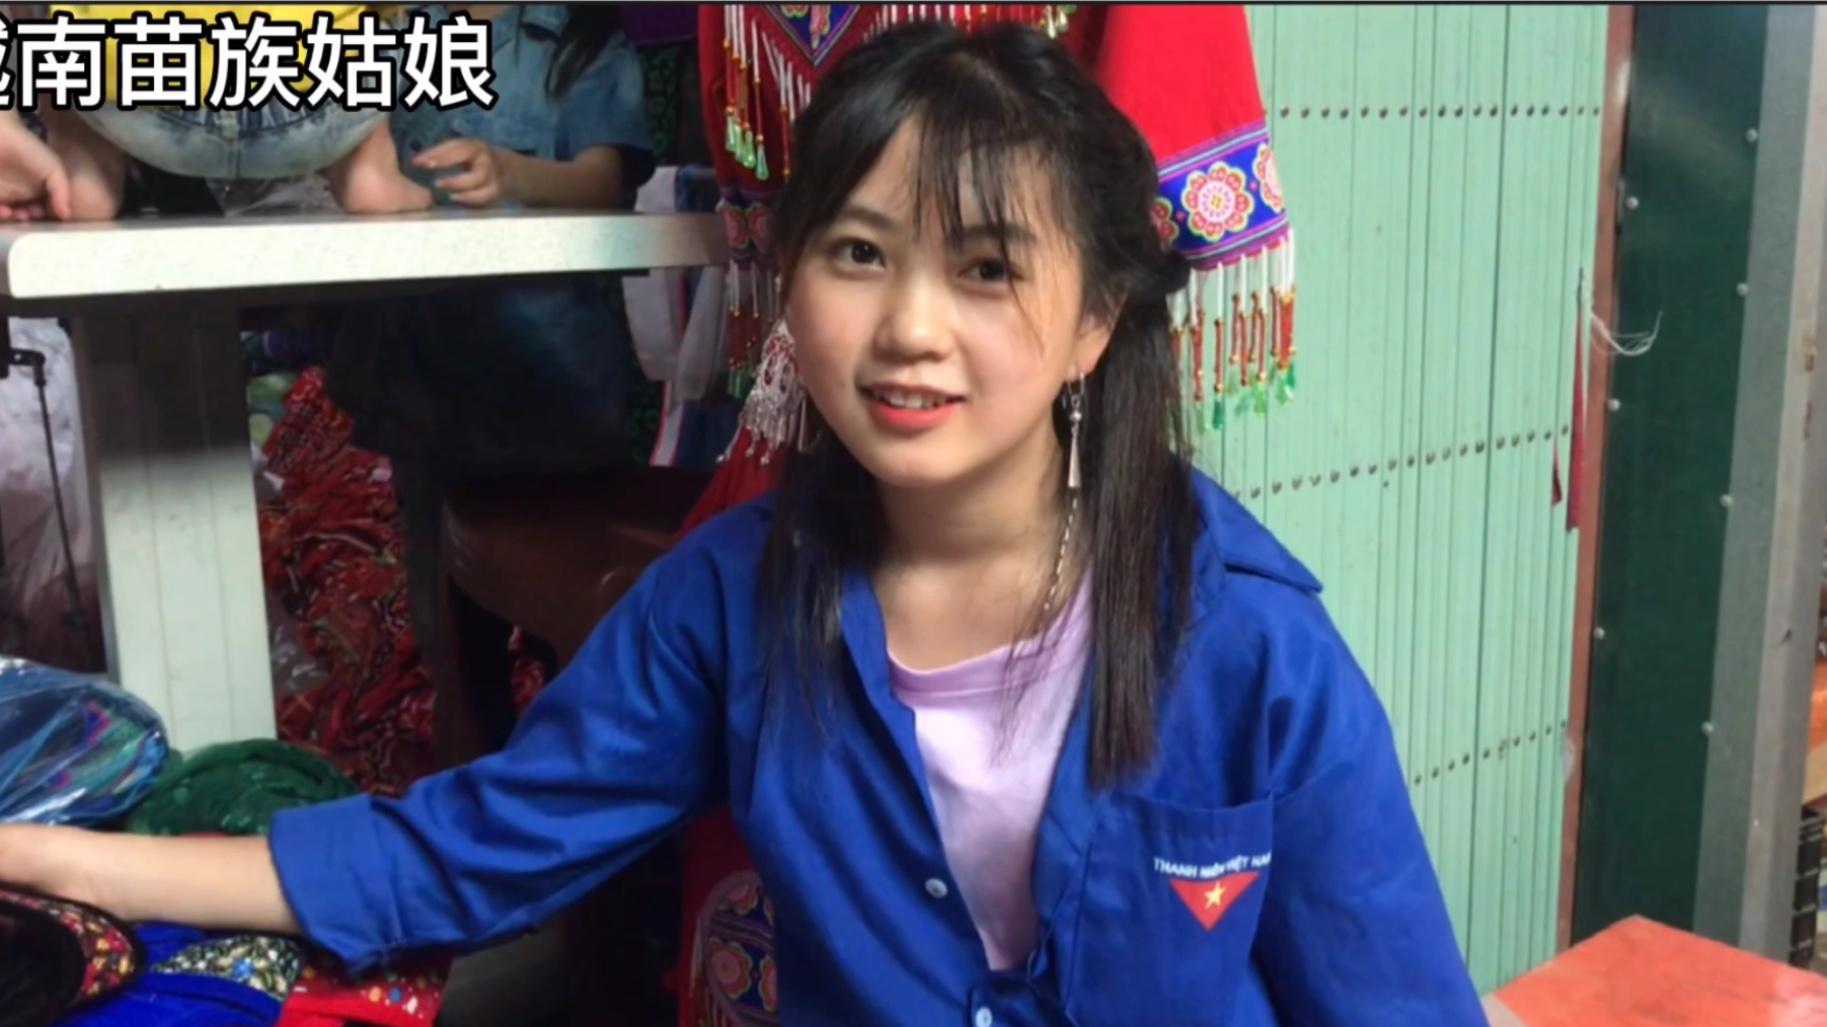 超可爱的越南苗族姑娘,她姐姐已经嫁到中国,看她想不想嫁到中国呢?